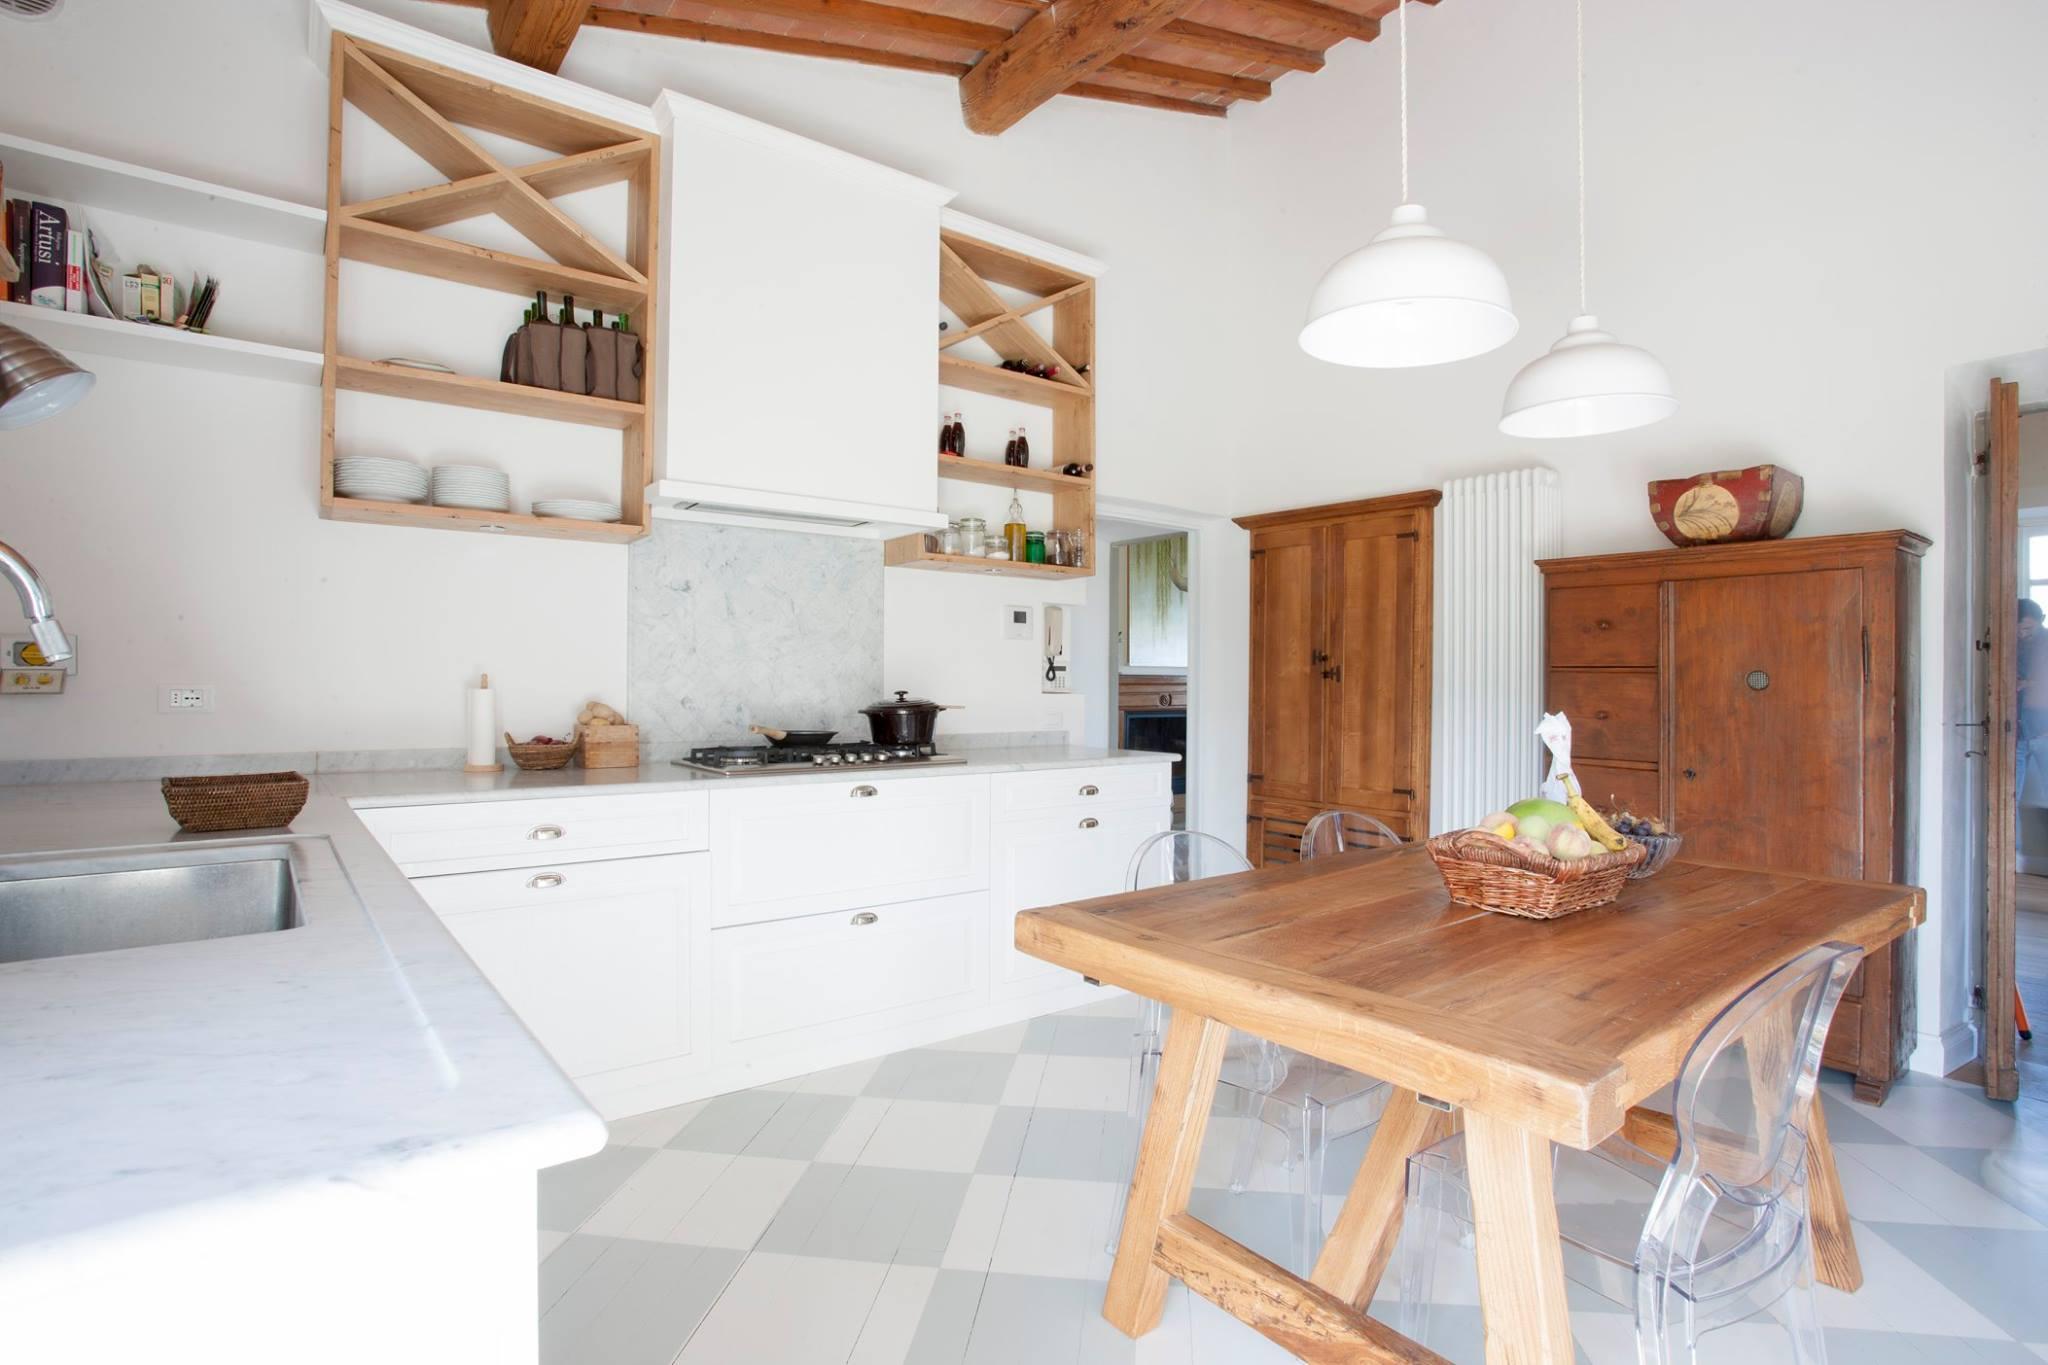 Piano Di Lavoro Cucina Legno Massello : Piano Cottura A Induzione  #814A2F 2048 1365 Piano Di Lavoro Cucina Bricoman